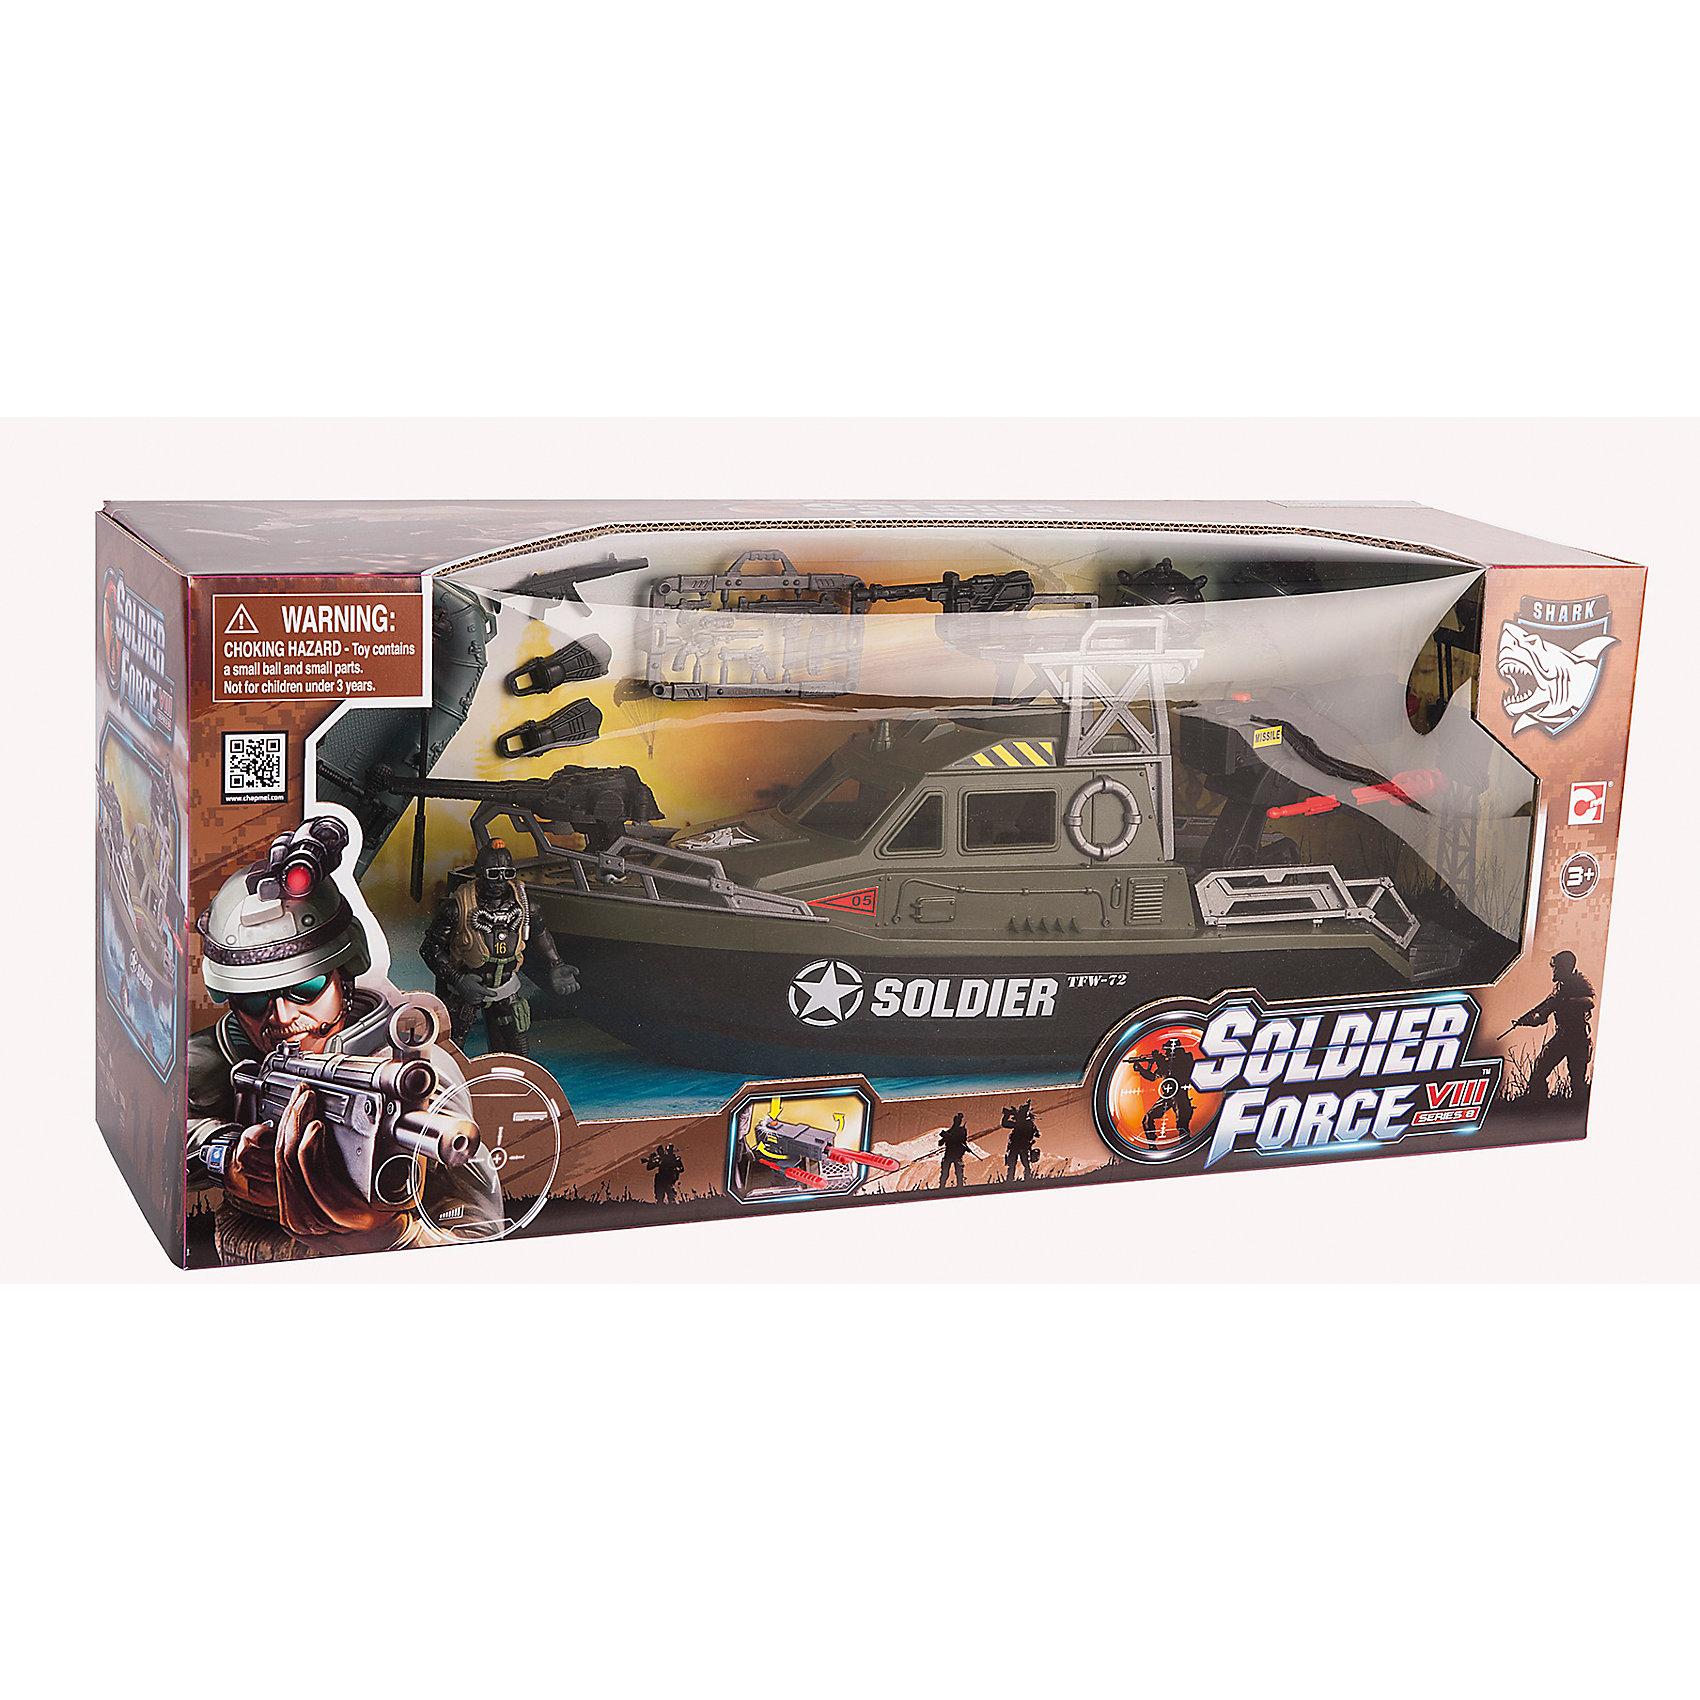 Игровой набор Ракетный катер с лодкой, Chap MeiИгровой набор Ракетный катер с лодкой, Chap Mei.<br><br>Характеристики:<br><br>- цвет: разноцветный;<br>- материал: пластик, металл;<br>- особенности: катер и лодка плавают на воде, пушка стреляет дисками;<br>- вес: 998 г;<br>- упаковка: коробка;<br>- размер упаковки: 53x15x22 см.<br><br>Игровой набор Ракетный катер с лодкой включает в себя все, что нужно для настоящего любителя и ценителя игровых военных действий. Набор состоит из ракетного катера с лодкой, фигурки солдата и игровых аксессуаров. Катер и лодка плавают на воде. В носовой части катера установлена пушка, которая стреляет дисками. Все элементы набора изготовлены из качественного пластика и тщательно детализированы. Игровой набор способствует развитию у ребенка воображения, внимания и мелкой моторики.<br><br>Игровой набор Ракетный катер с лодкой, Chap Mei можно купить в нашем интернет-магазине.<br><br>Ширина мм: 52<br>Глубина мм: 15<br>Высота мм: 21<br>Вес г: 998<br>Возраст от месяцев: 36<br>Возраст до месяцев: 2147483647<br>Пол: Мужской<br>Возраст: Детский<br>SKU: 5055435